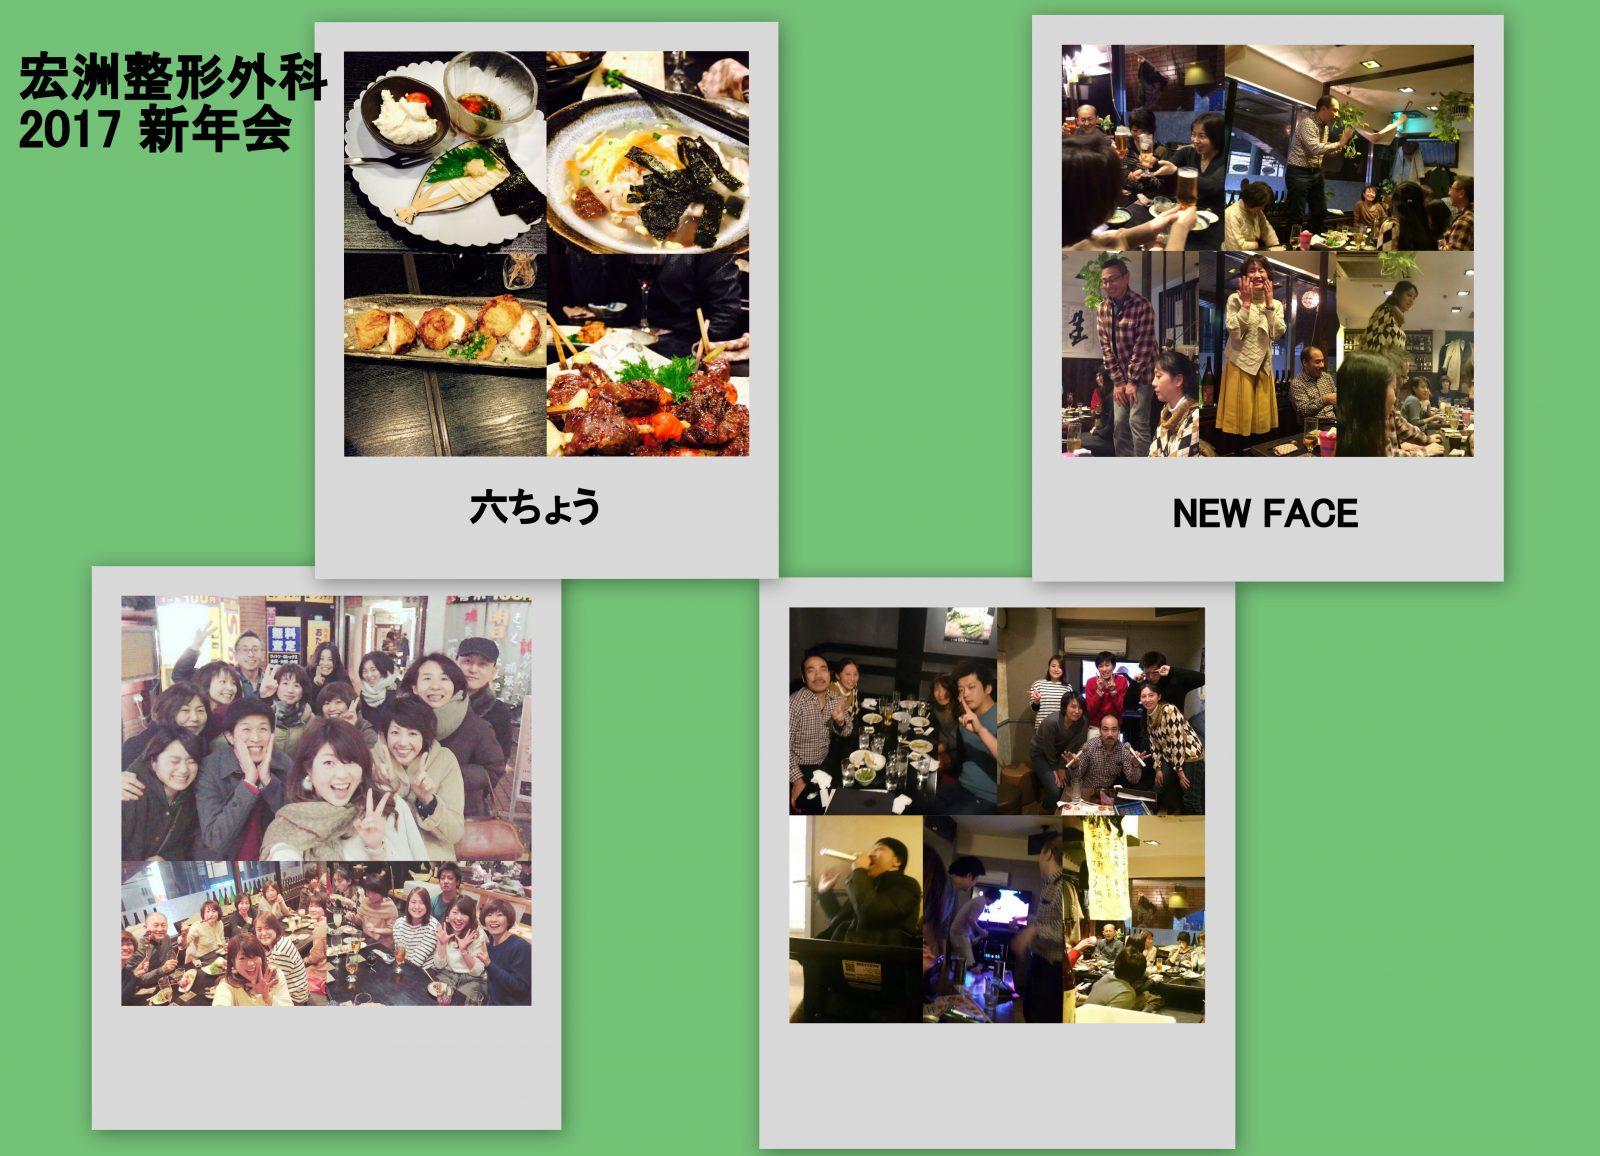 2017-01-19 新年会